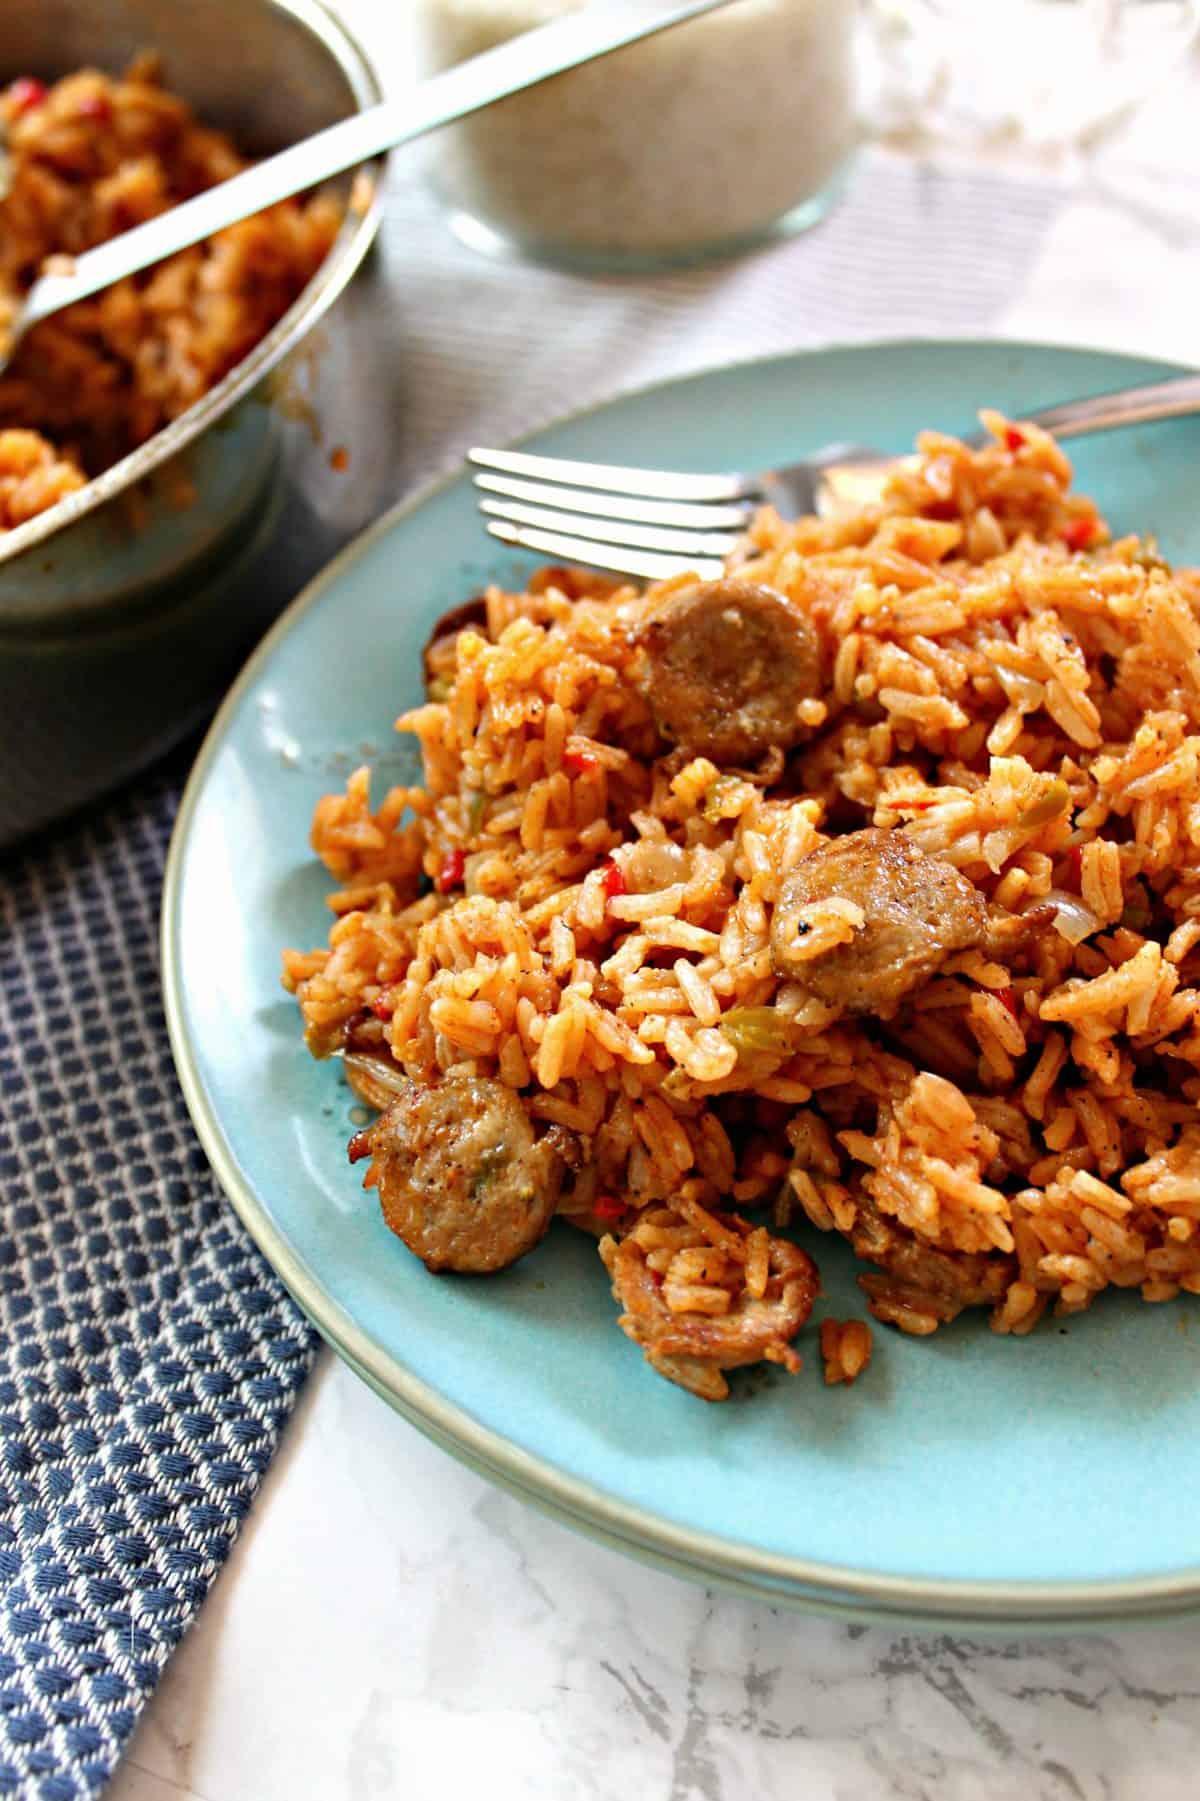 Closeup of arroz con salchicha on plate.